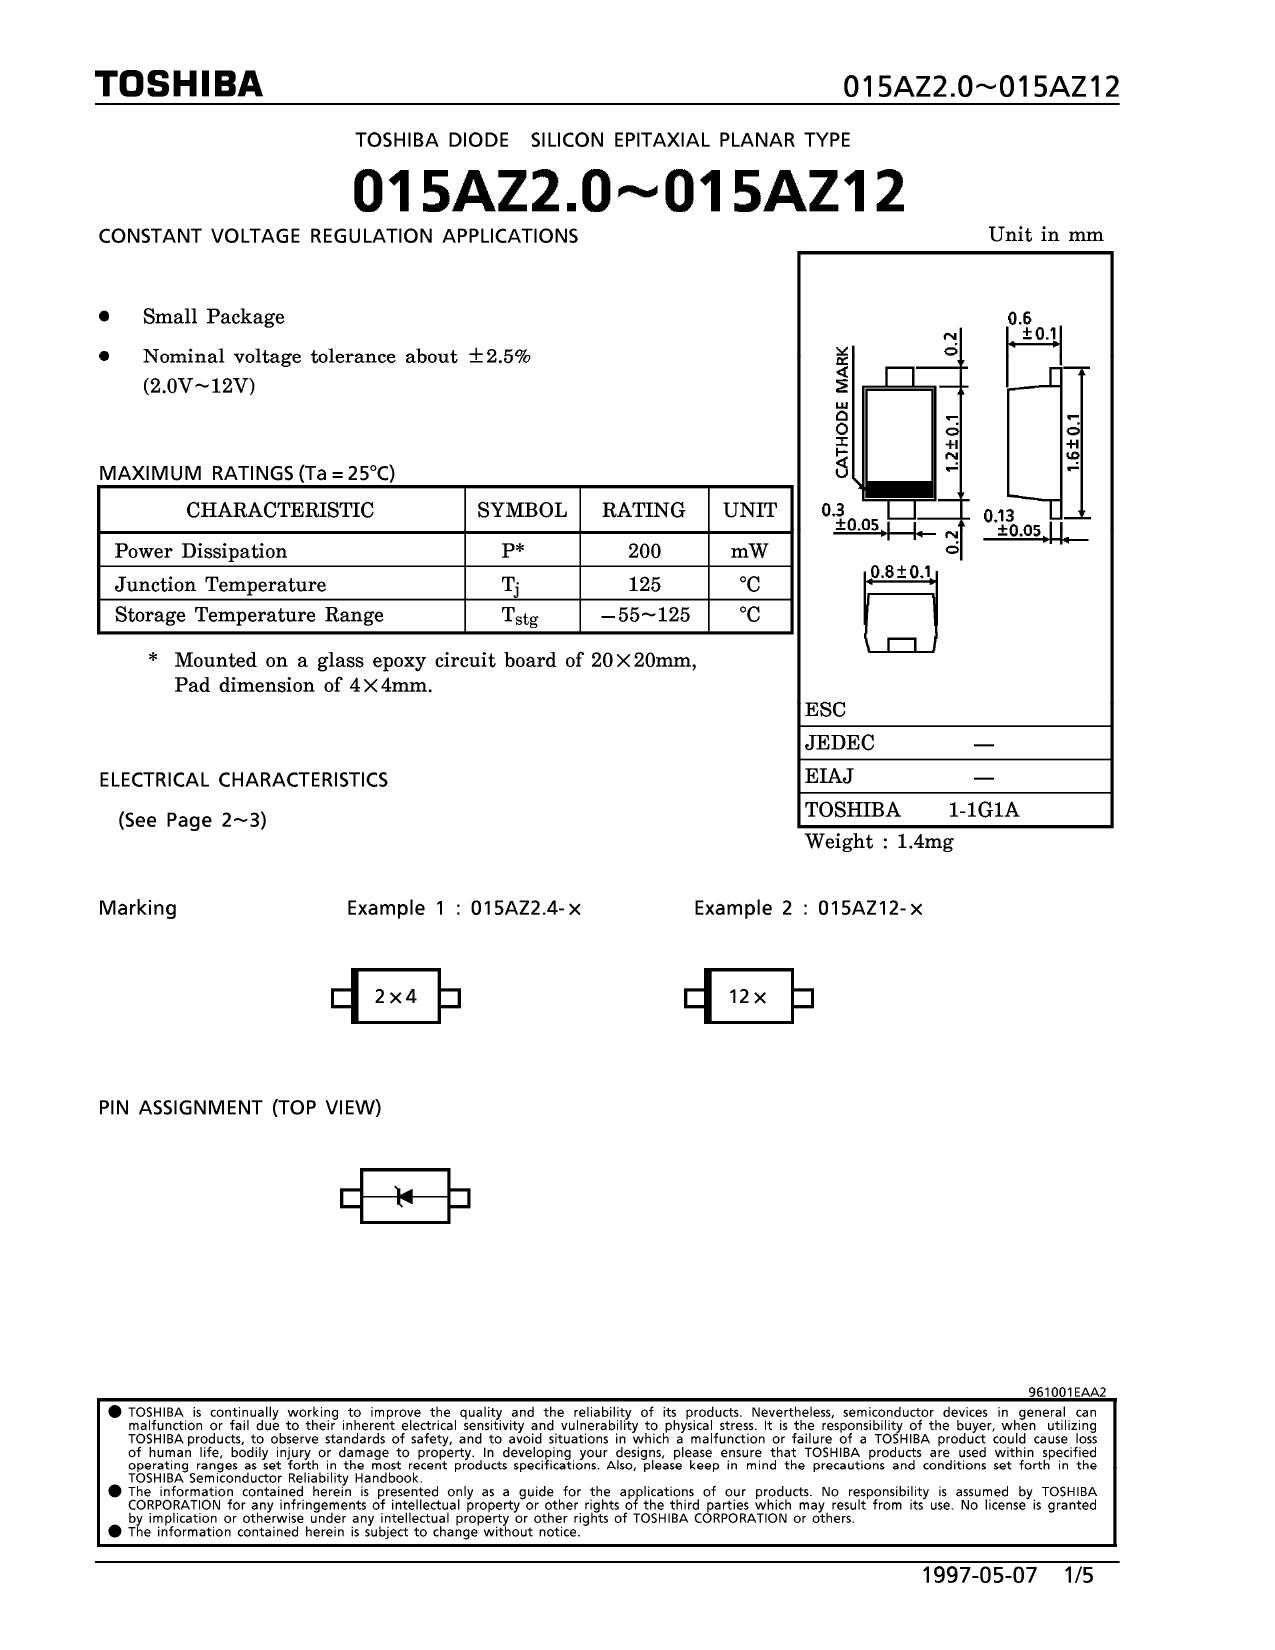 015A5.1 datasheet